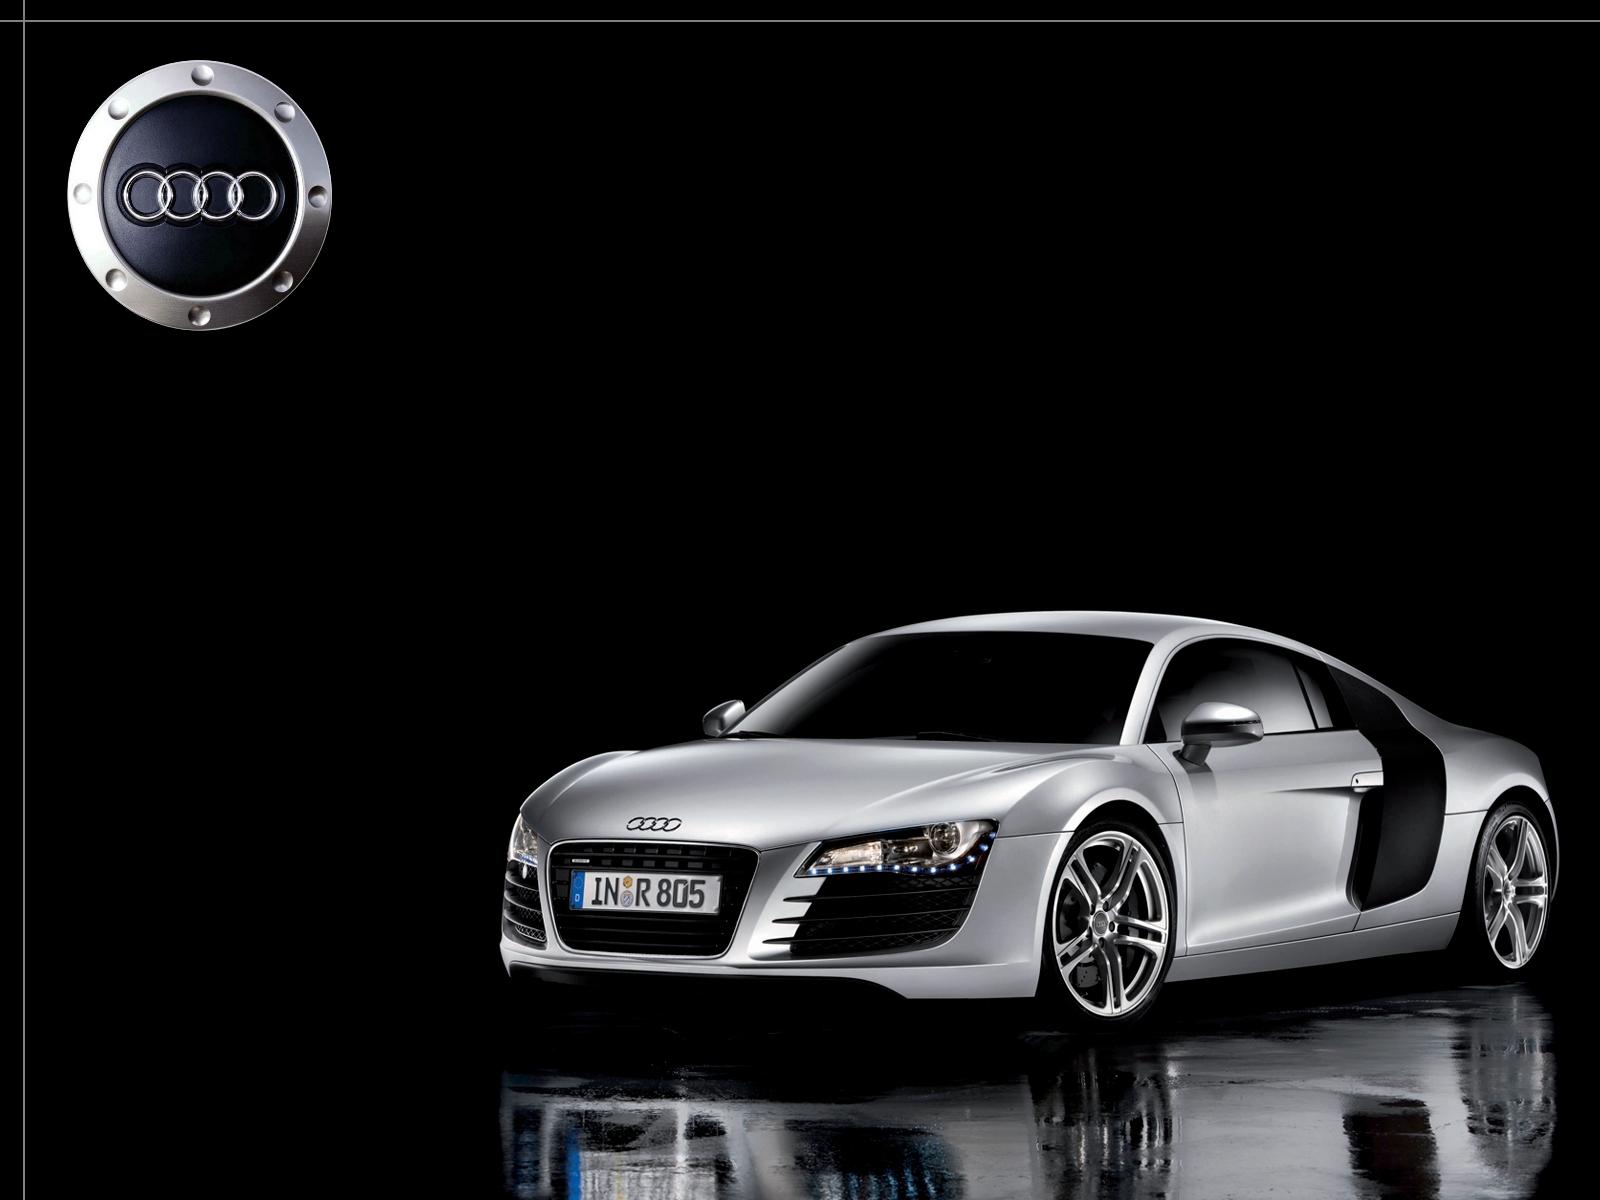 http://1.bp.blogspot.com/-3AhNTDCu9NU/T6mjrOUd0hI/AAAAAAAAKIk/W-e7O6erXRA/s1600/Audi_R8_Wallpaper_Ads.jpg